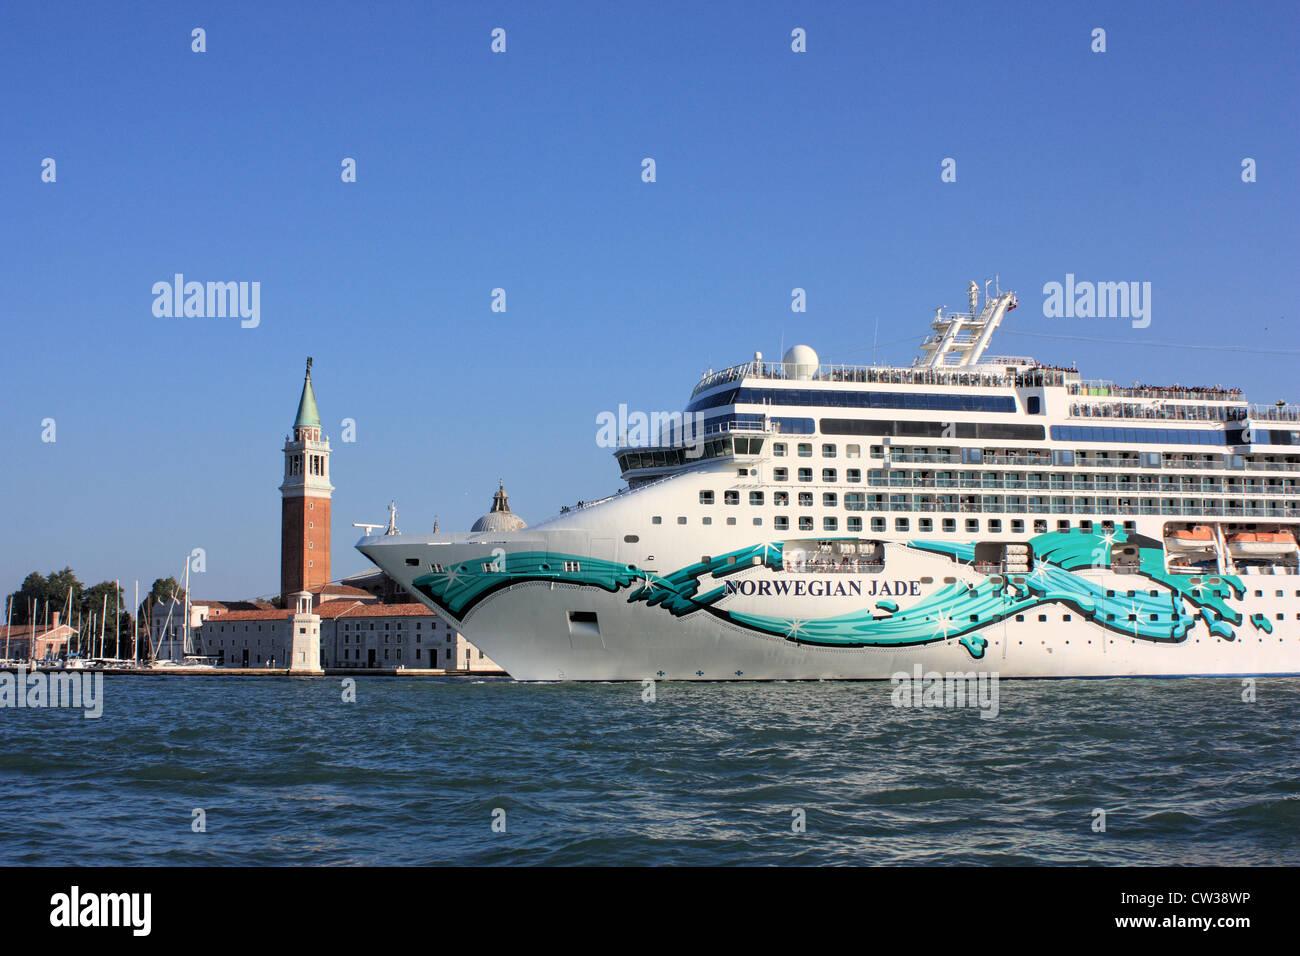 Cruise ship Norwegian Jade - Stock Image